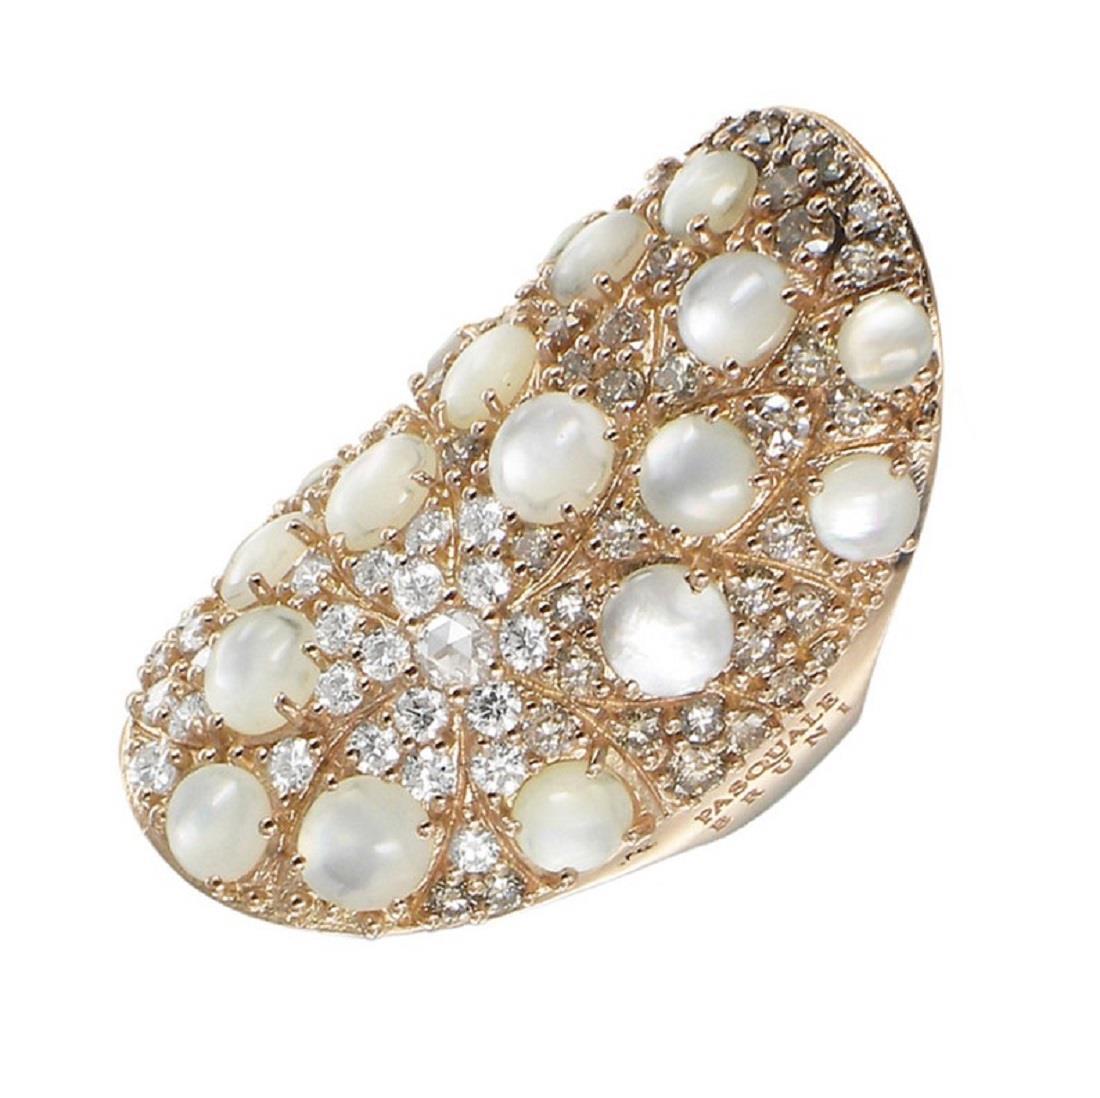 Anello con perle e diamanti - PASQUALE BRUNI